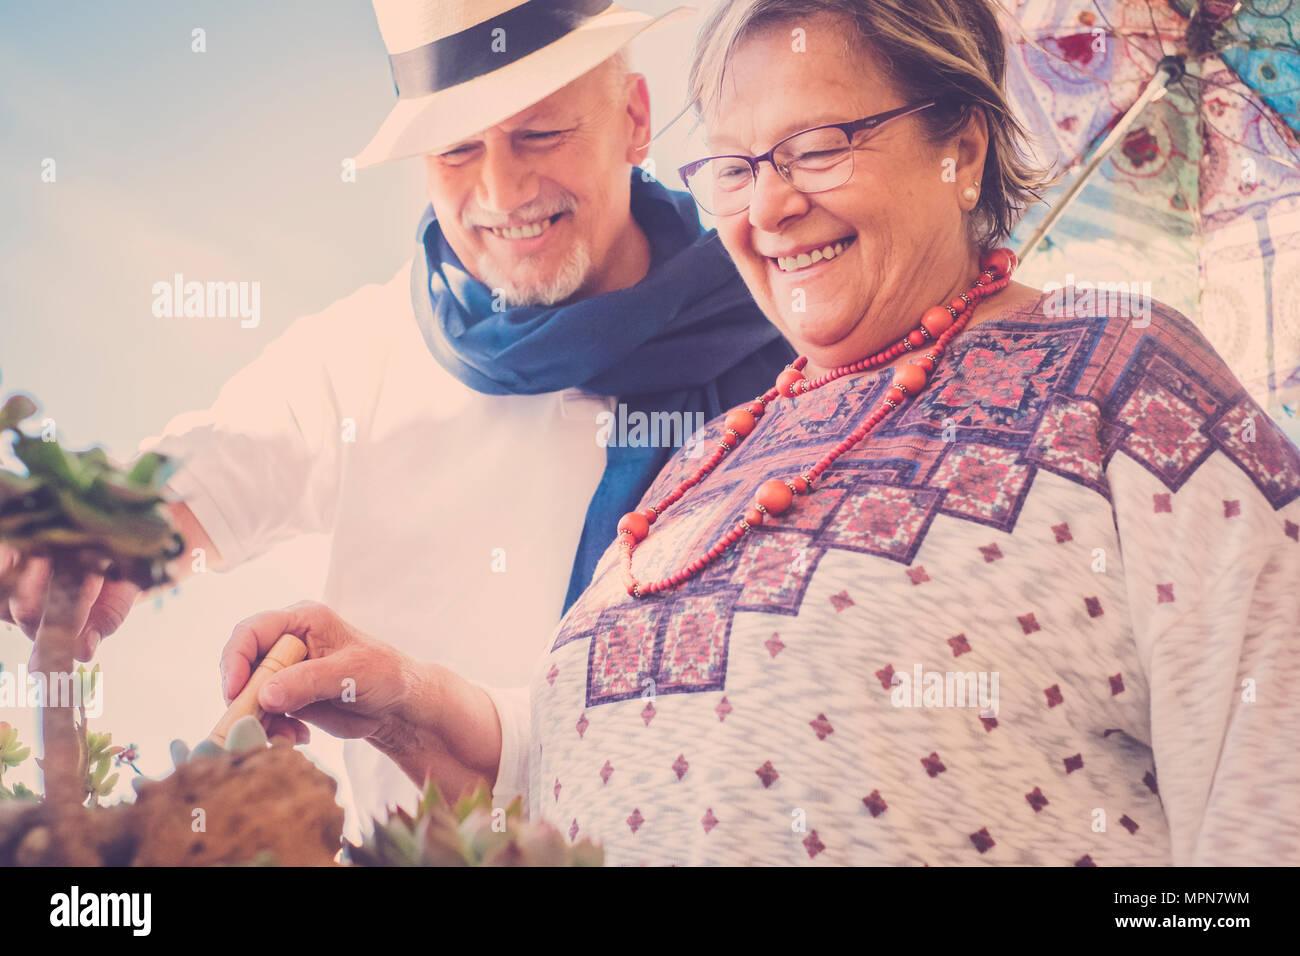 Älterer Mann und Frau ältere Menschen kümmern sich um die Pflanzen im Freien mit ippy Kleidung und vintage Filter für eine Retro Look. Stockbild